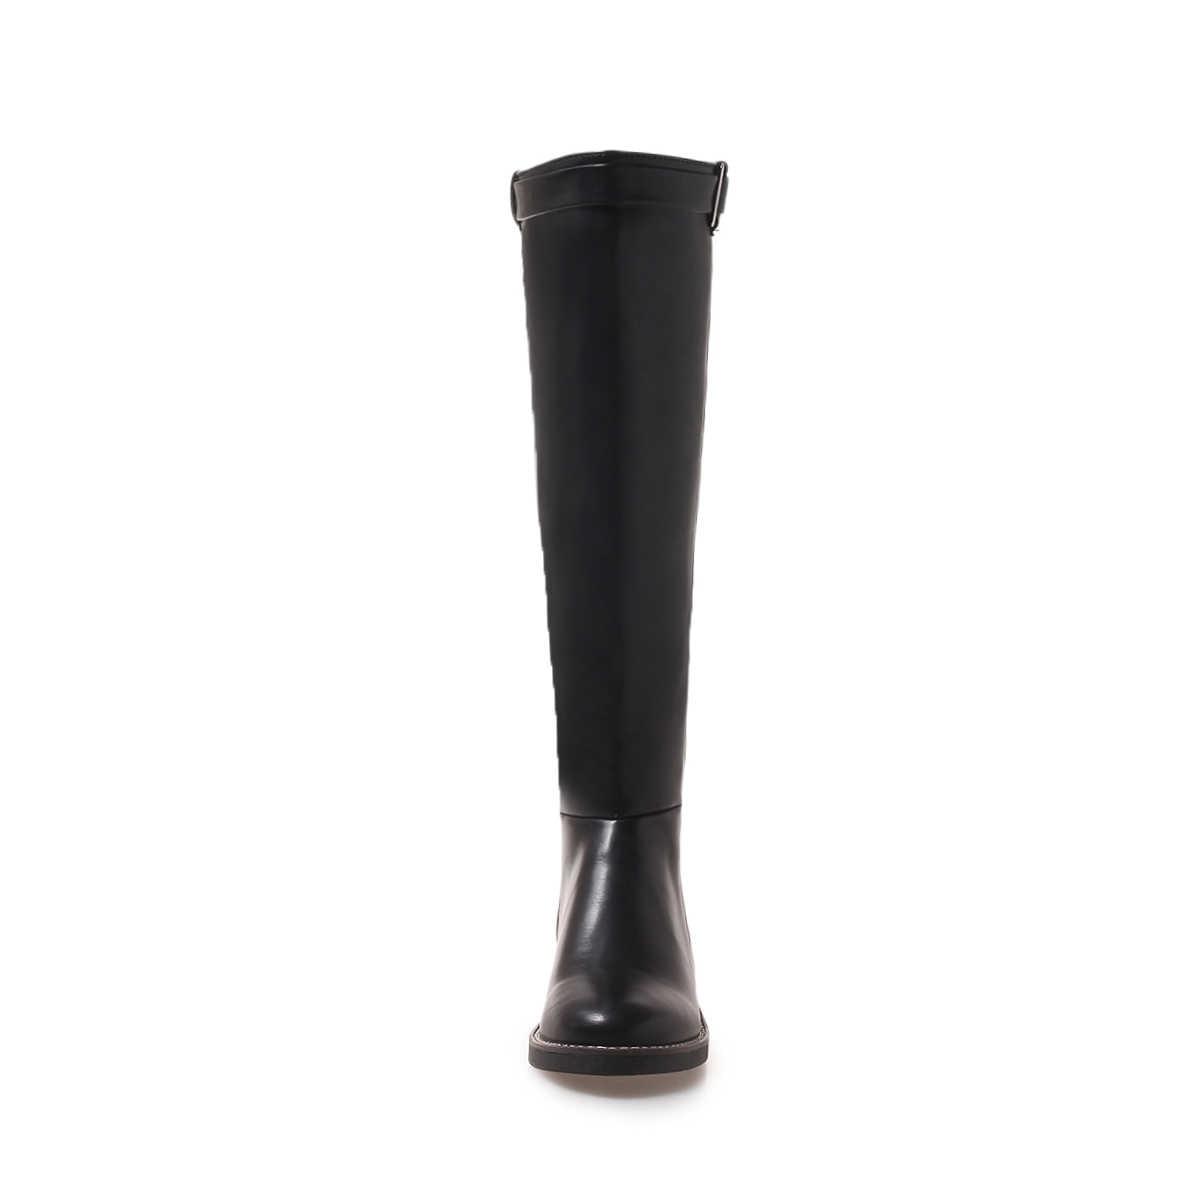 Düz Diz Yüksek Çizmeler Kadın Pu Deri Düşük Topuk Çizmeler Üzerinde Kayma Sonbahar Kış Moda Uzun Çizmeler Kadın Ayakkabı artı Boyutu 43 2018